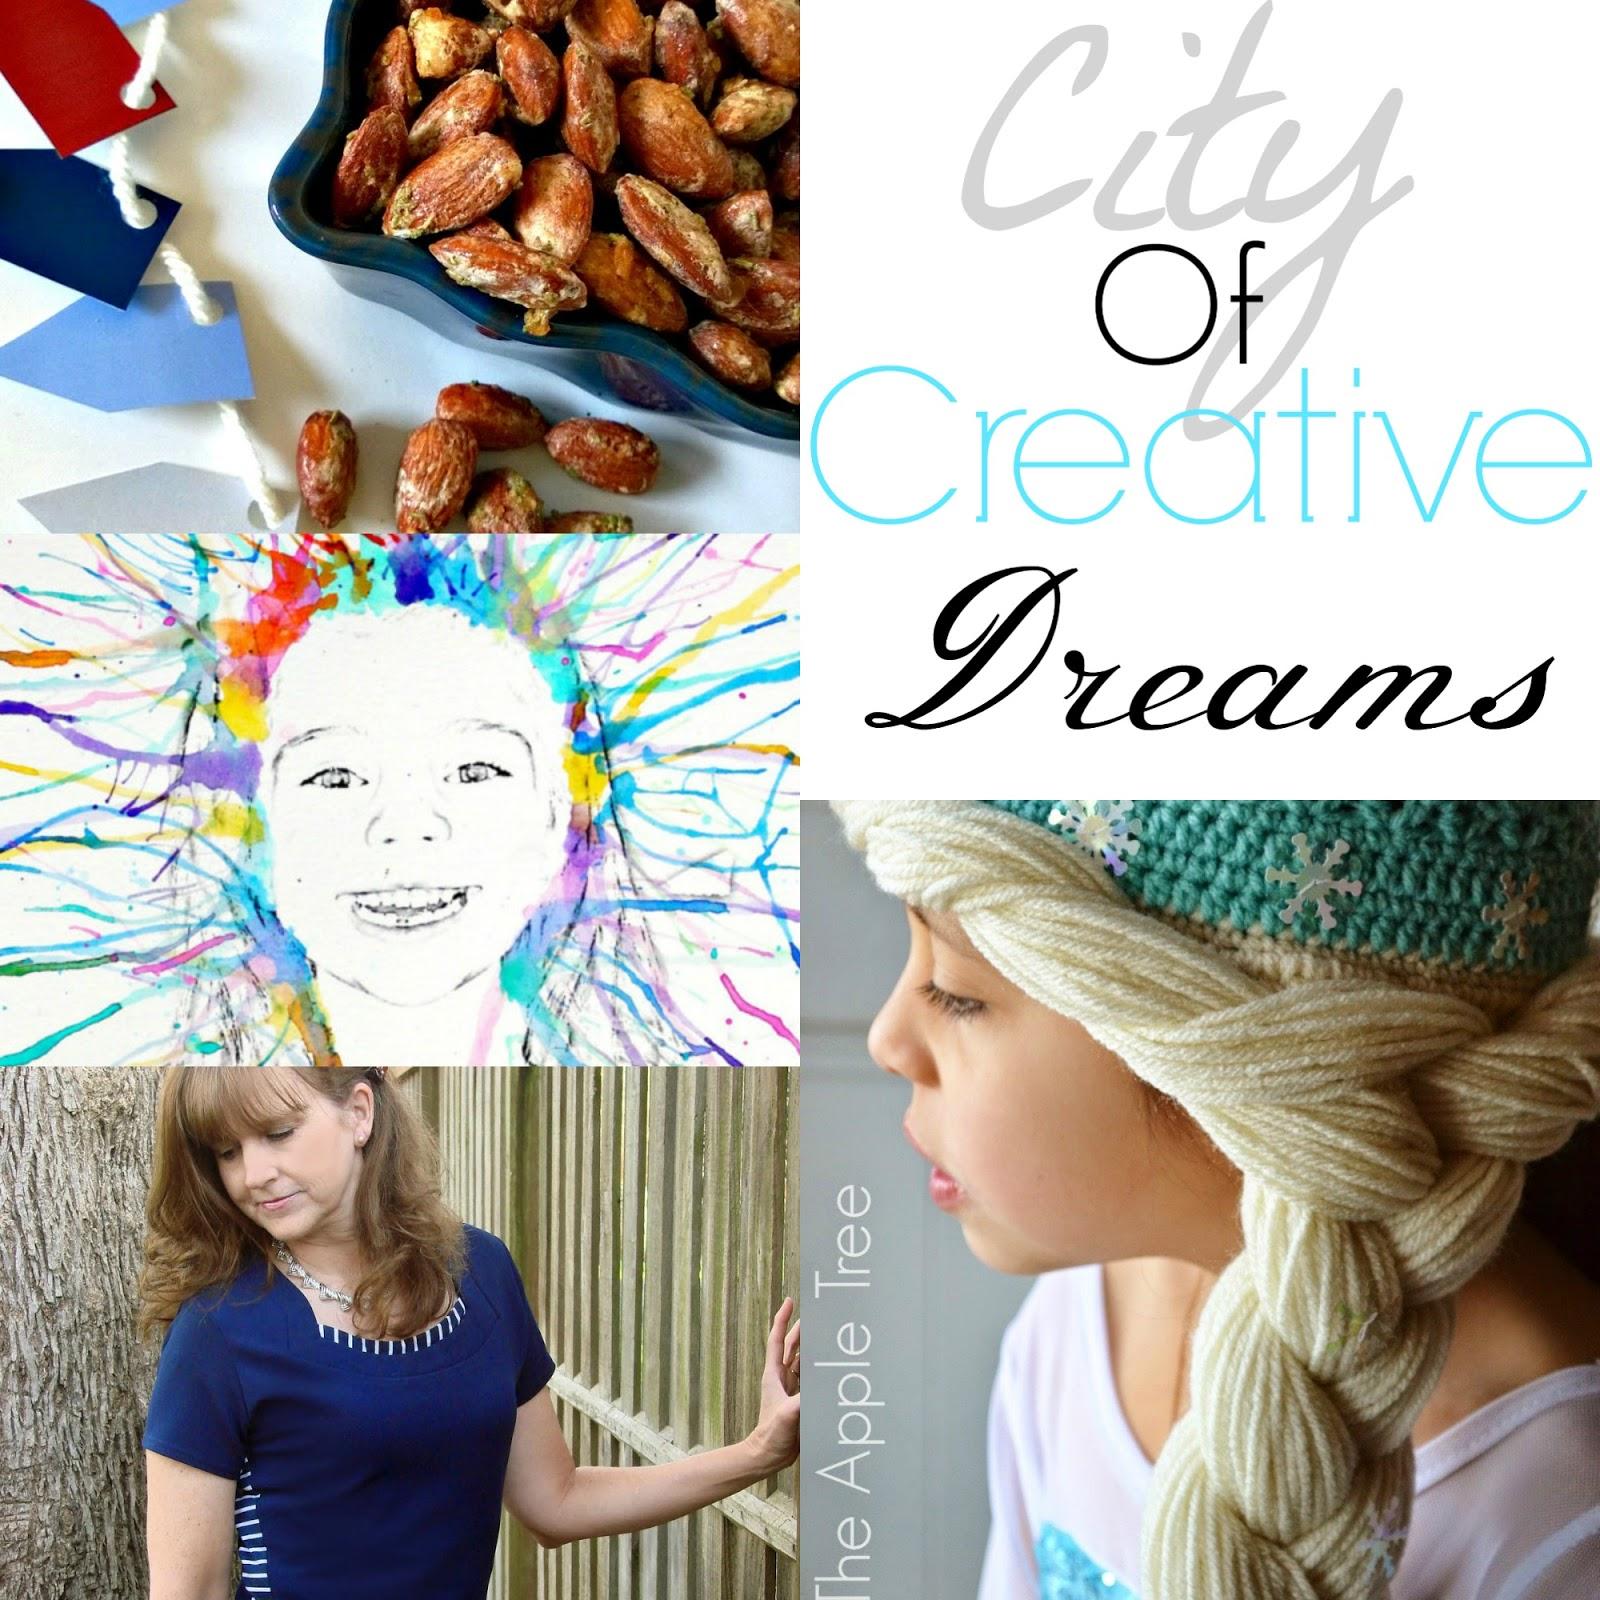 city of creative dreams - link party